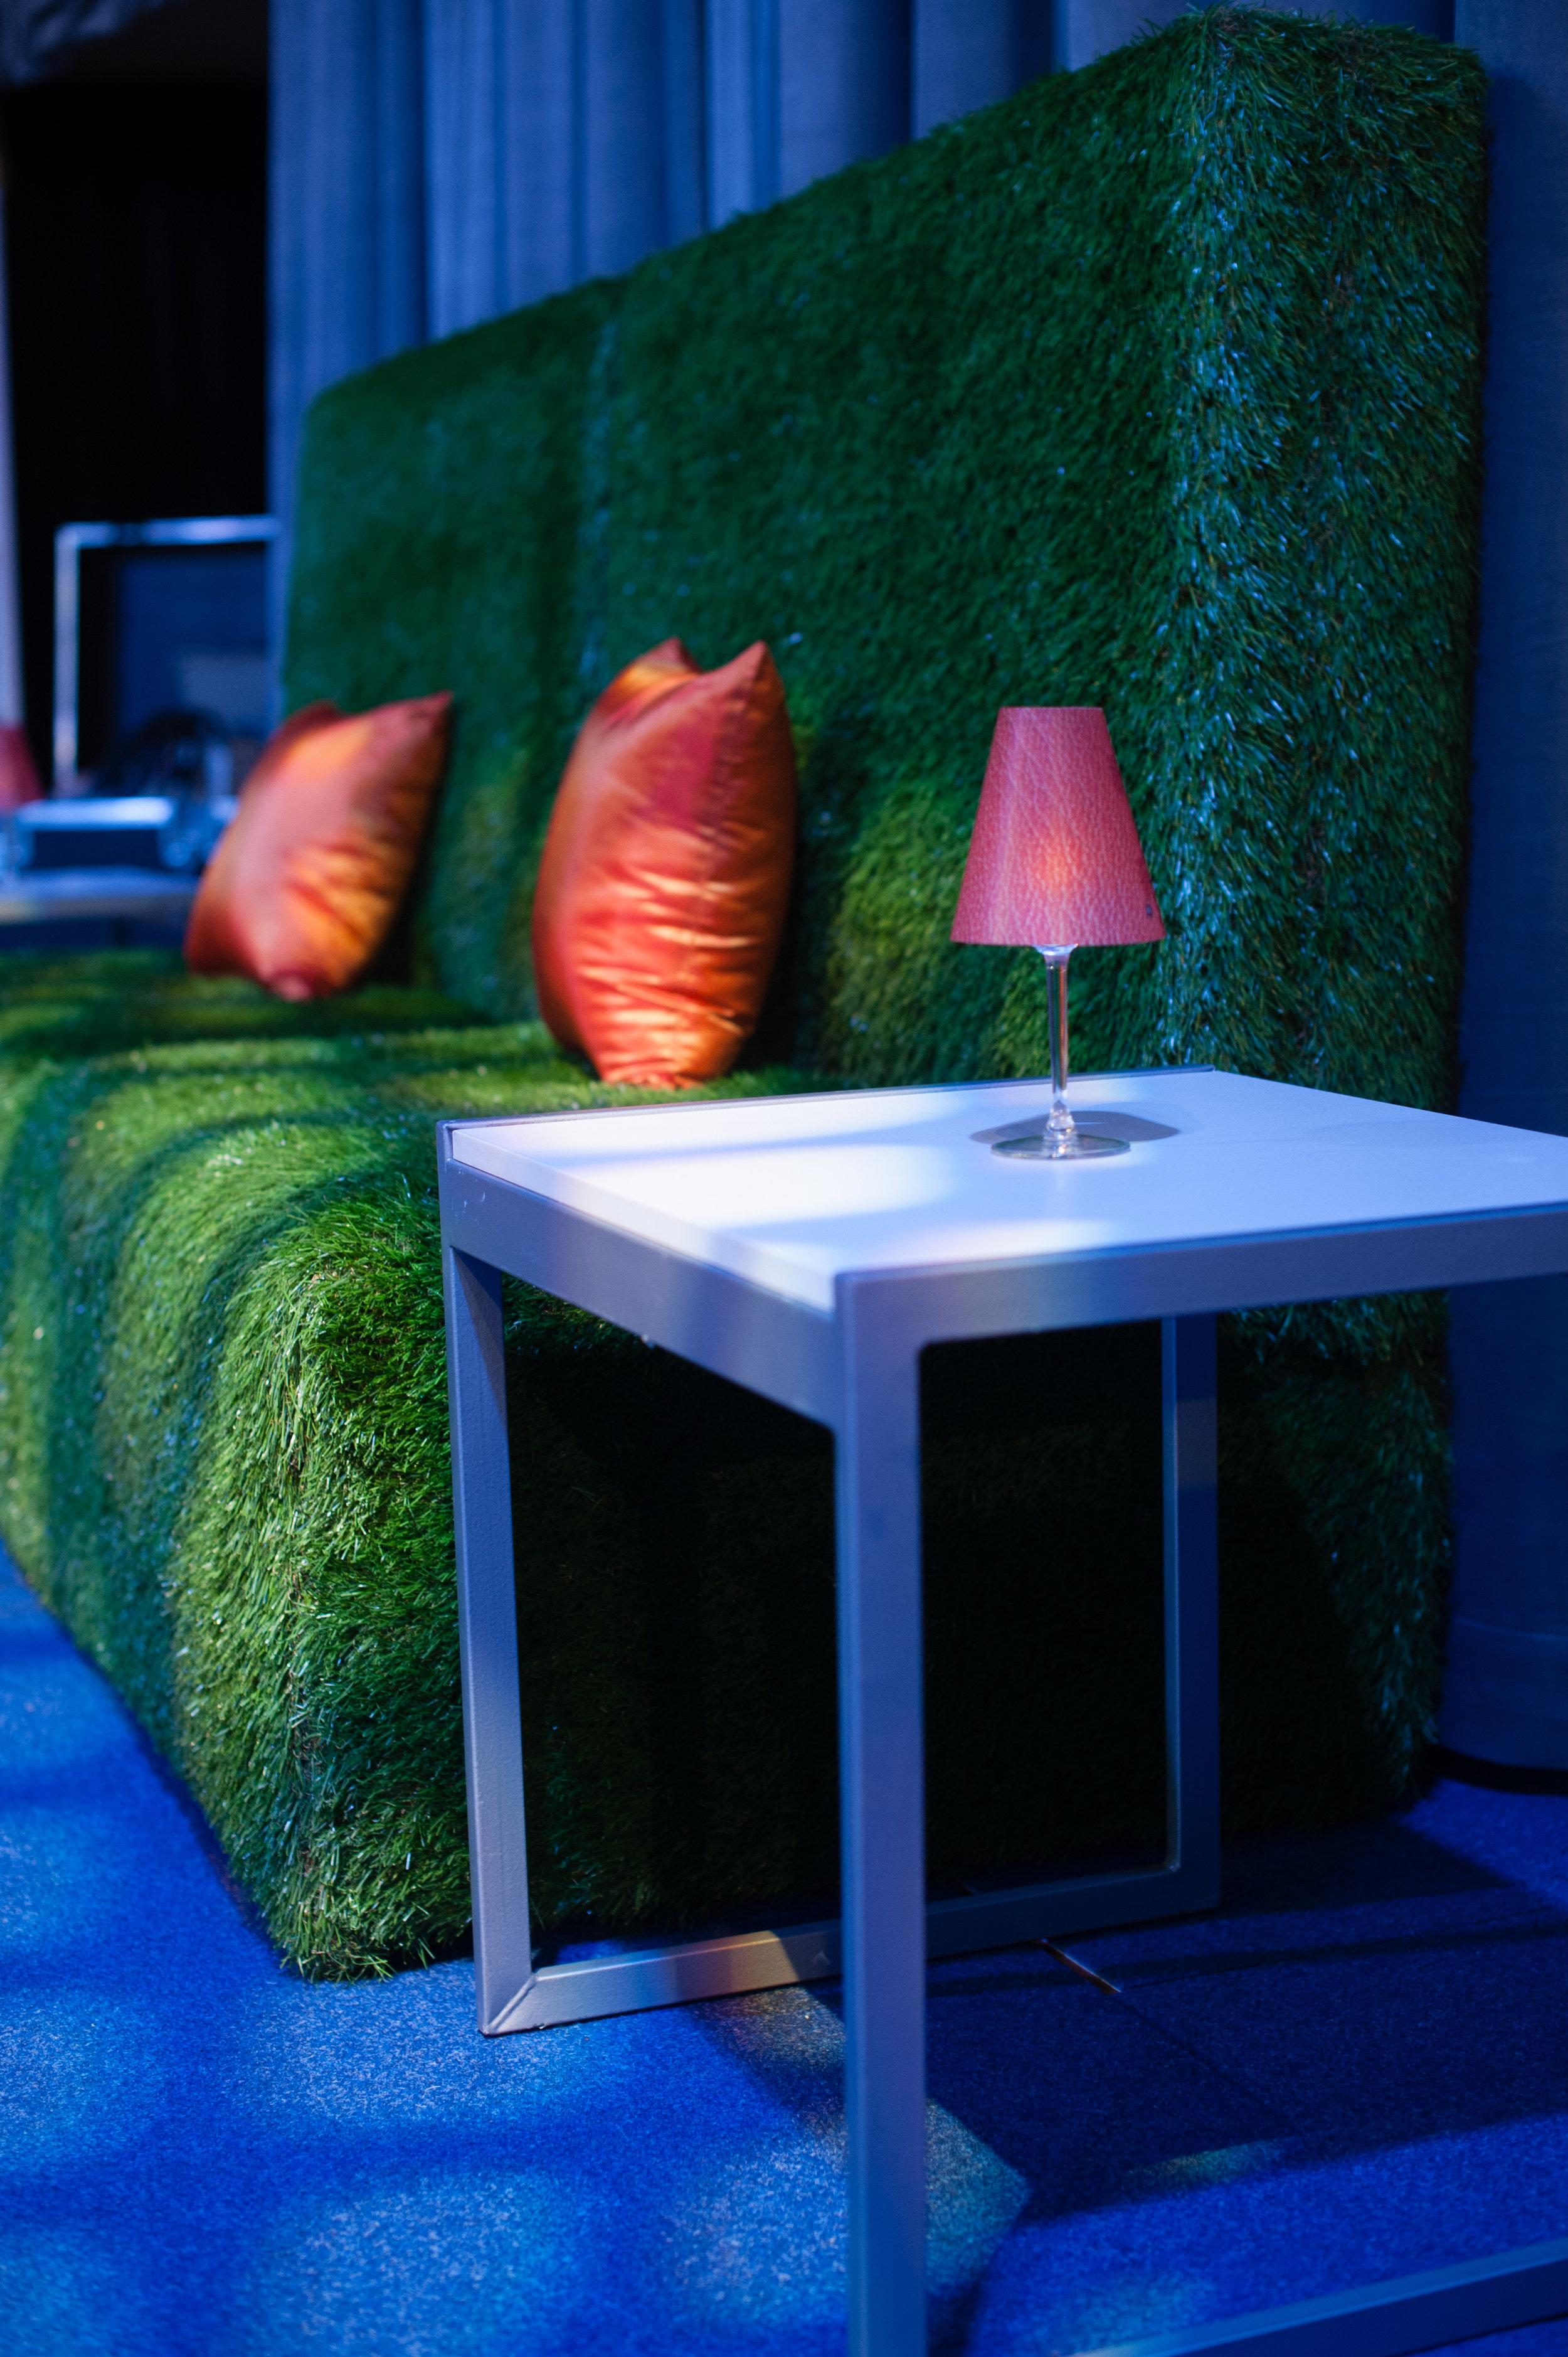 Furniture details, lighting design.